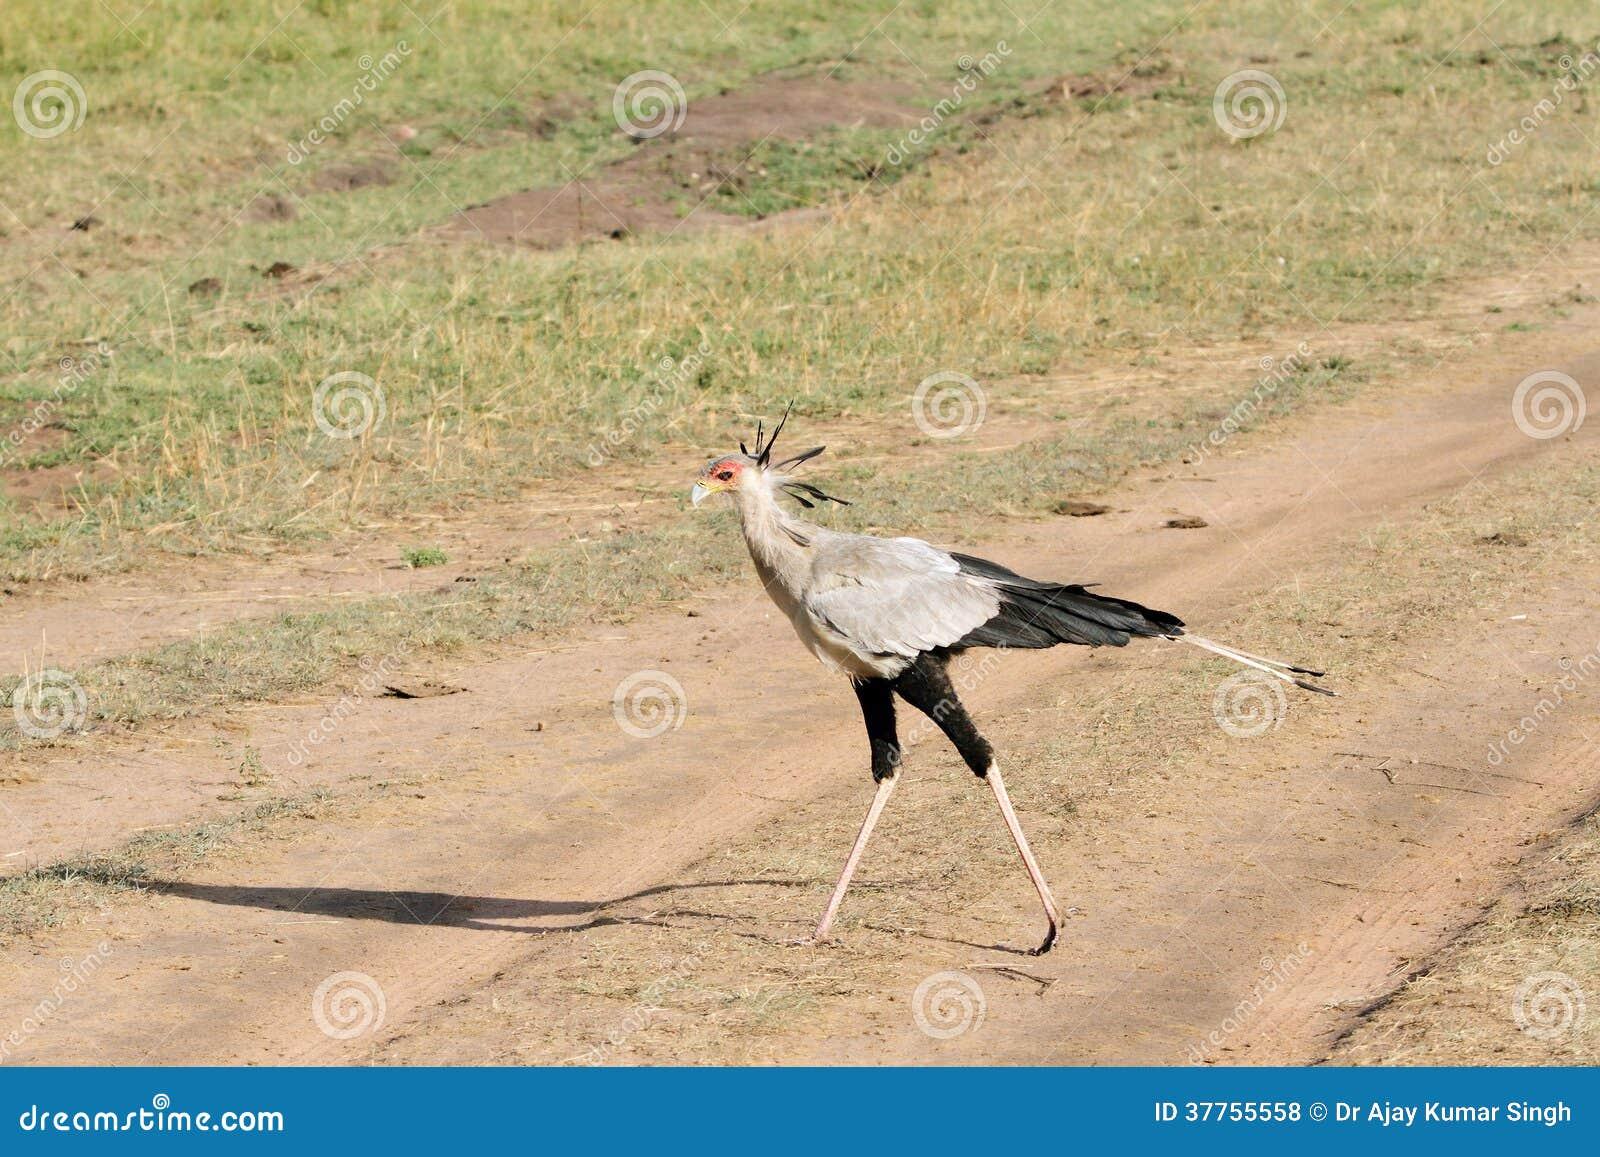 Γυναίκα παίρνει μεγάλο πουλί